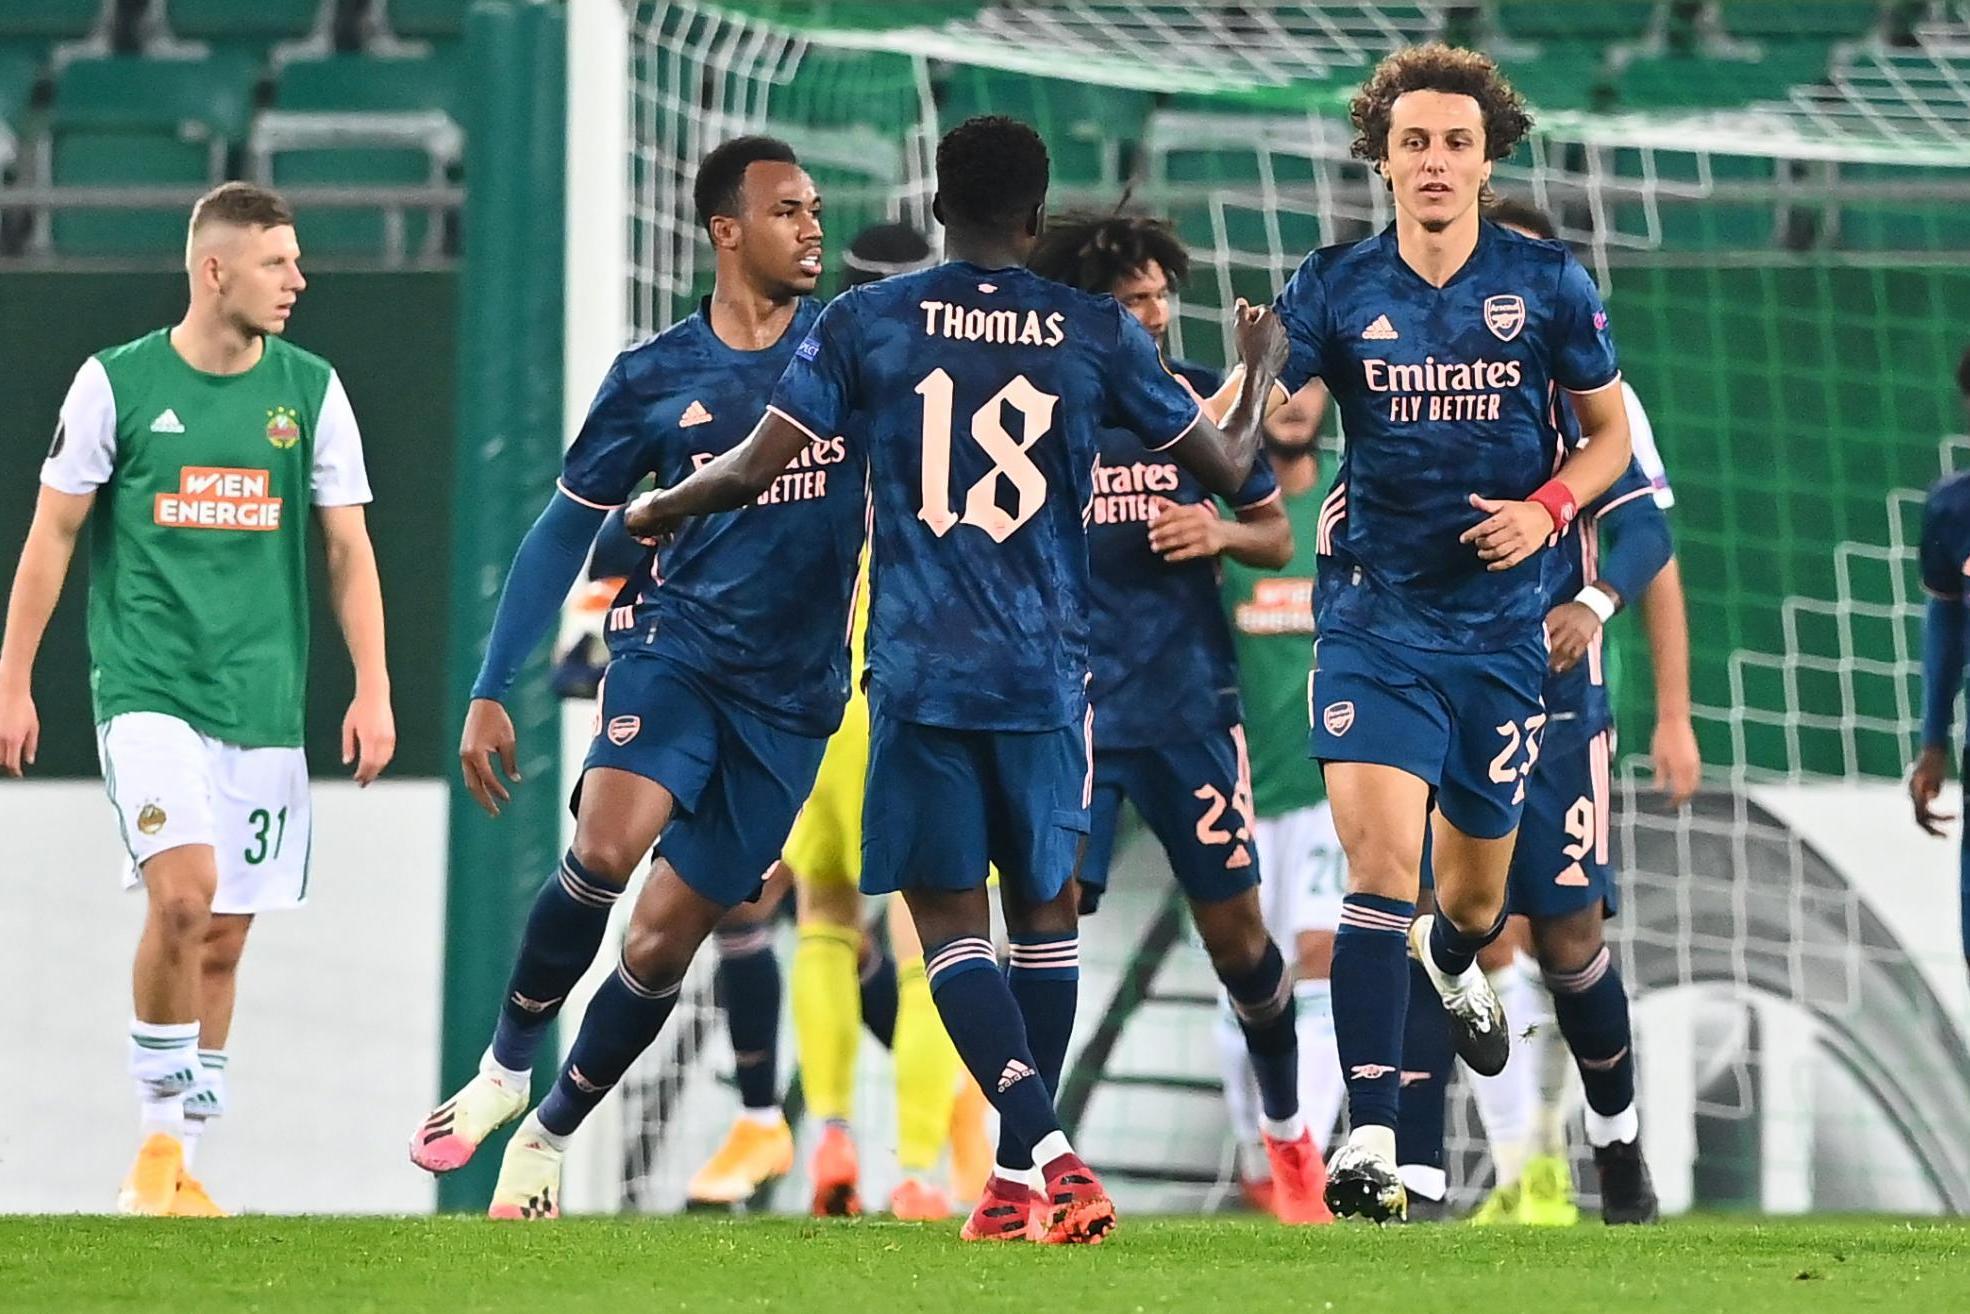 Soi kèo Arsenal vs Rapid Wien, 03h00 ngày 4/12, Cúp C2 châu Âu